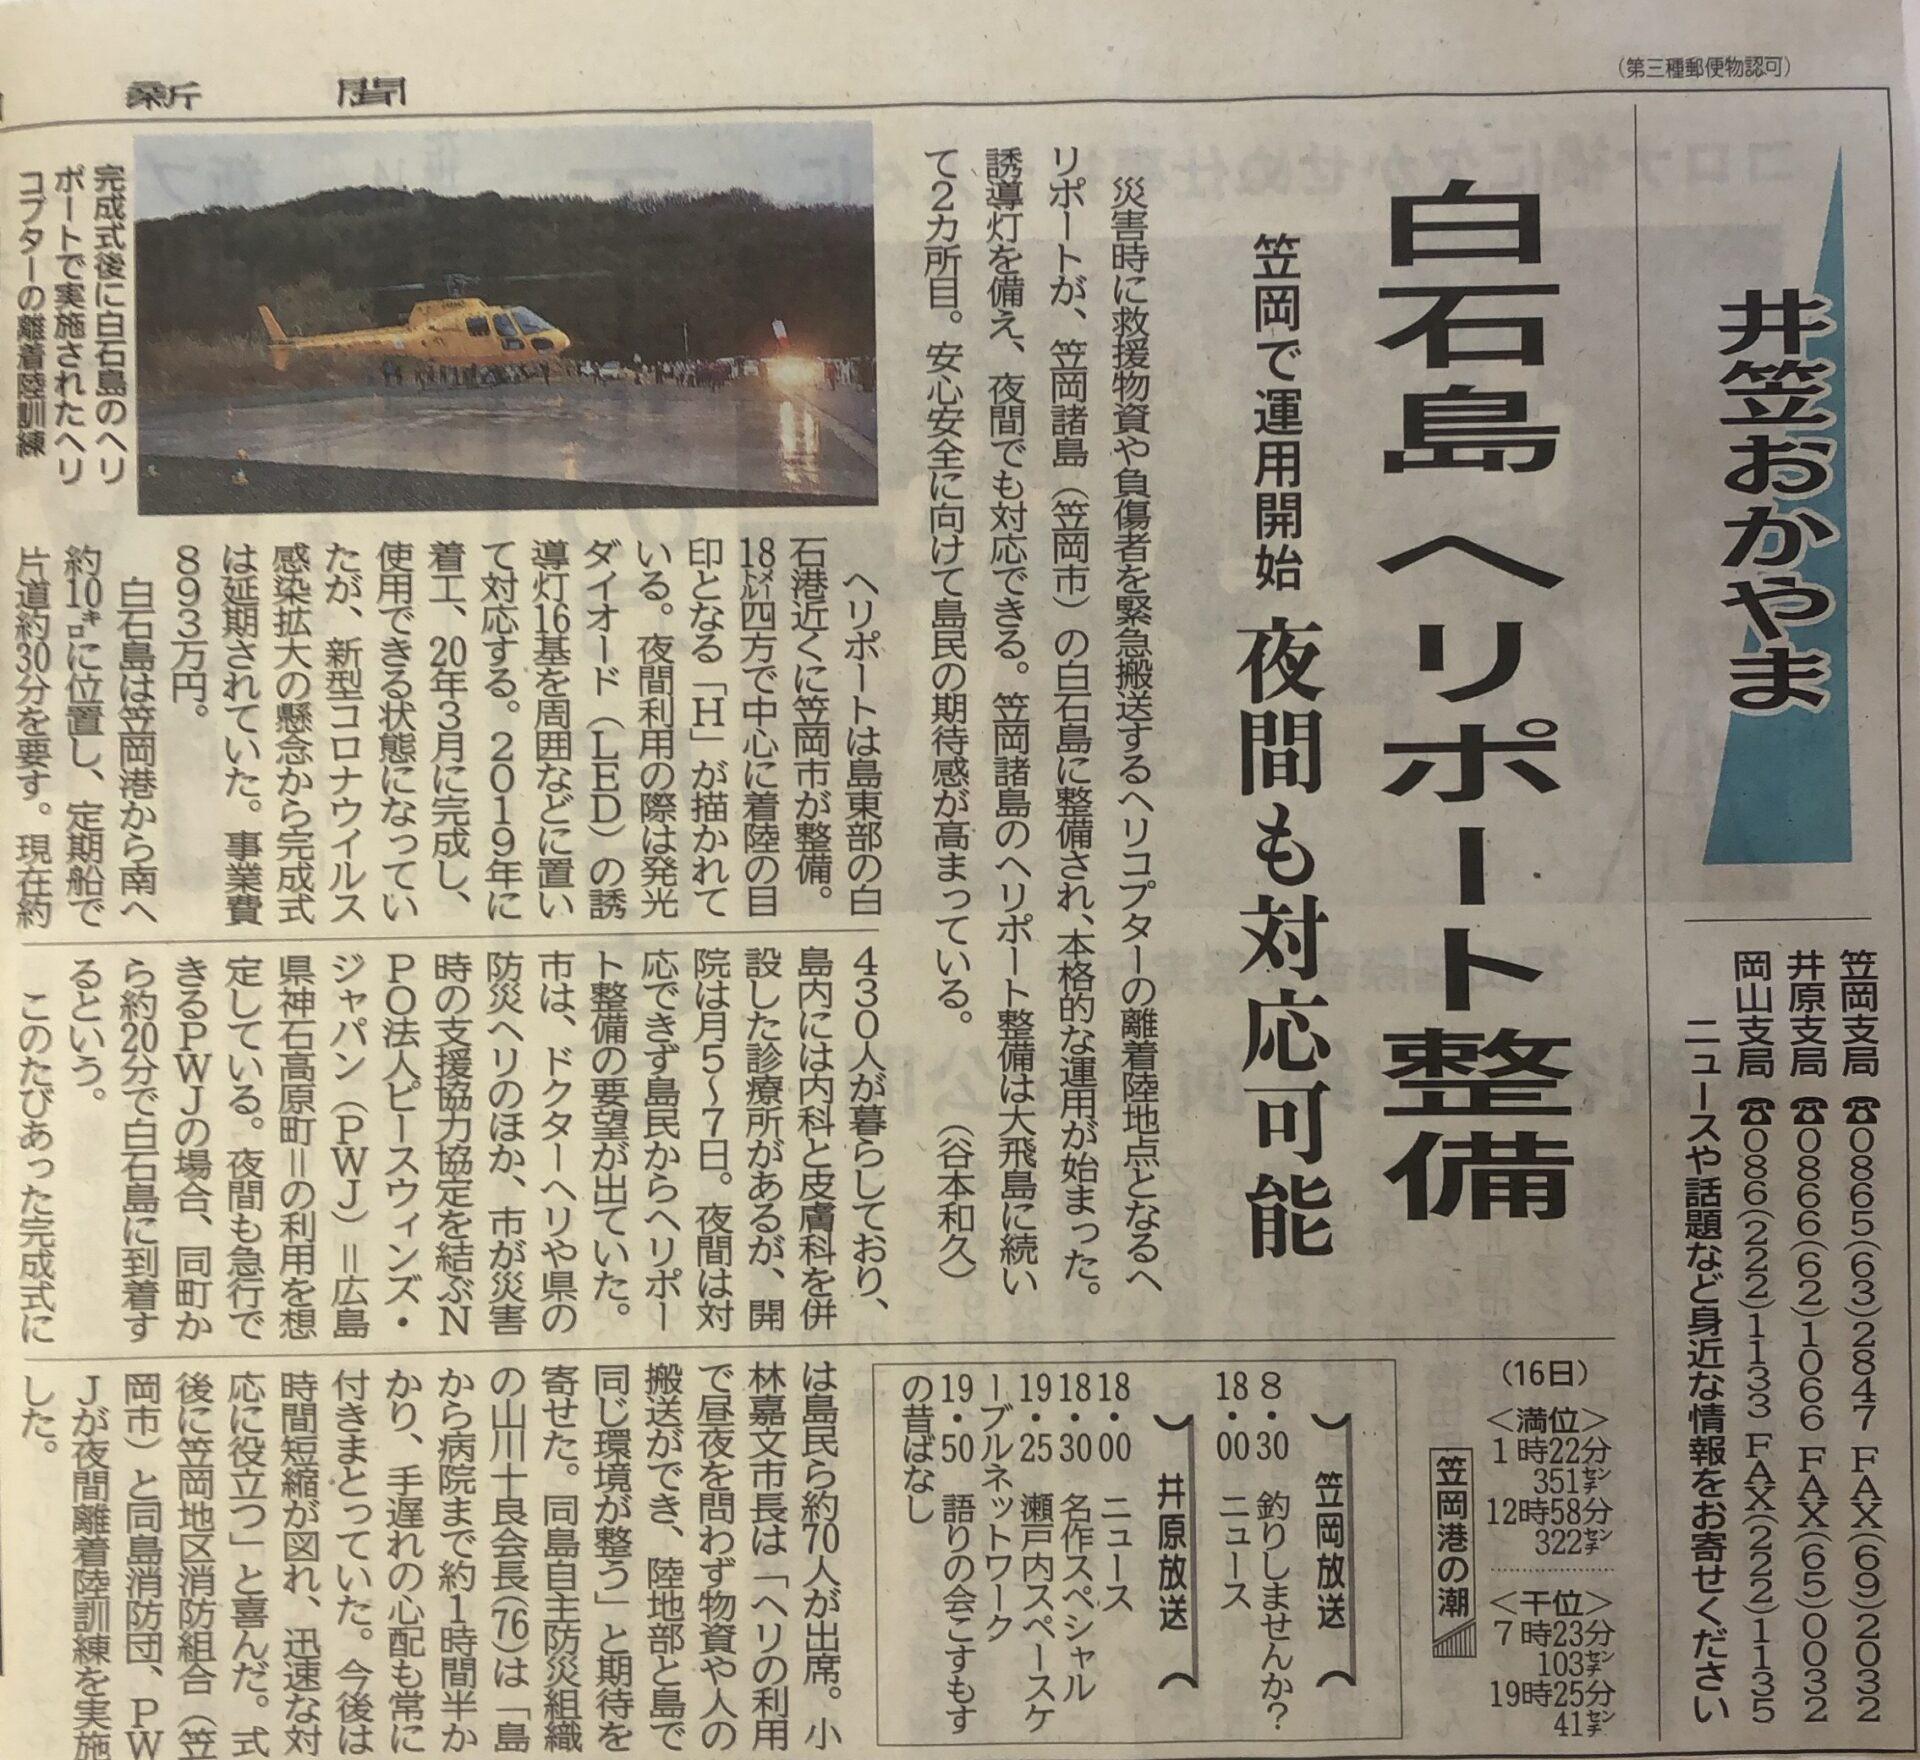 【メディア掲載】4月15日、中国新聞に掲載されました。